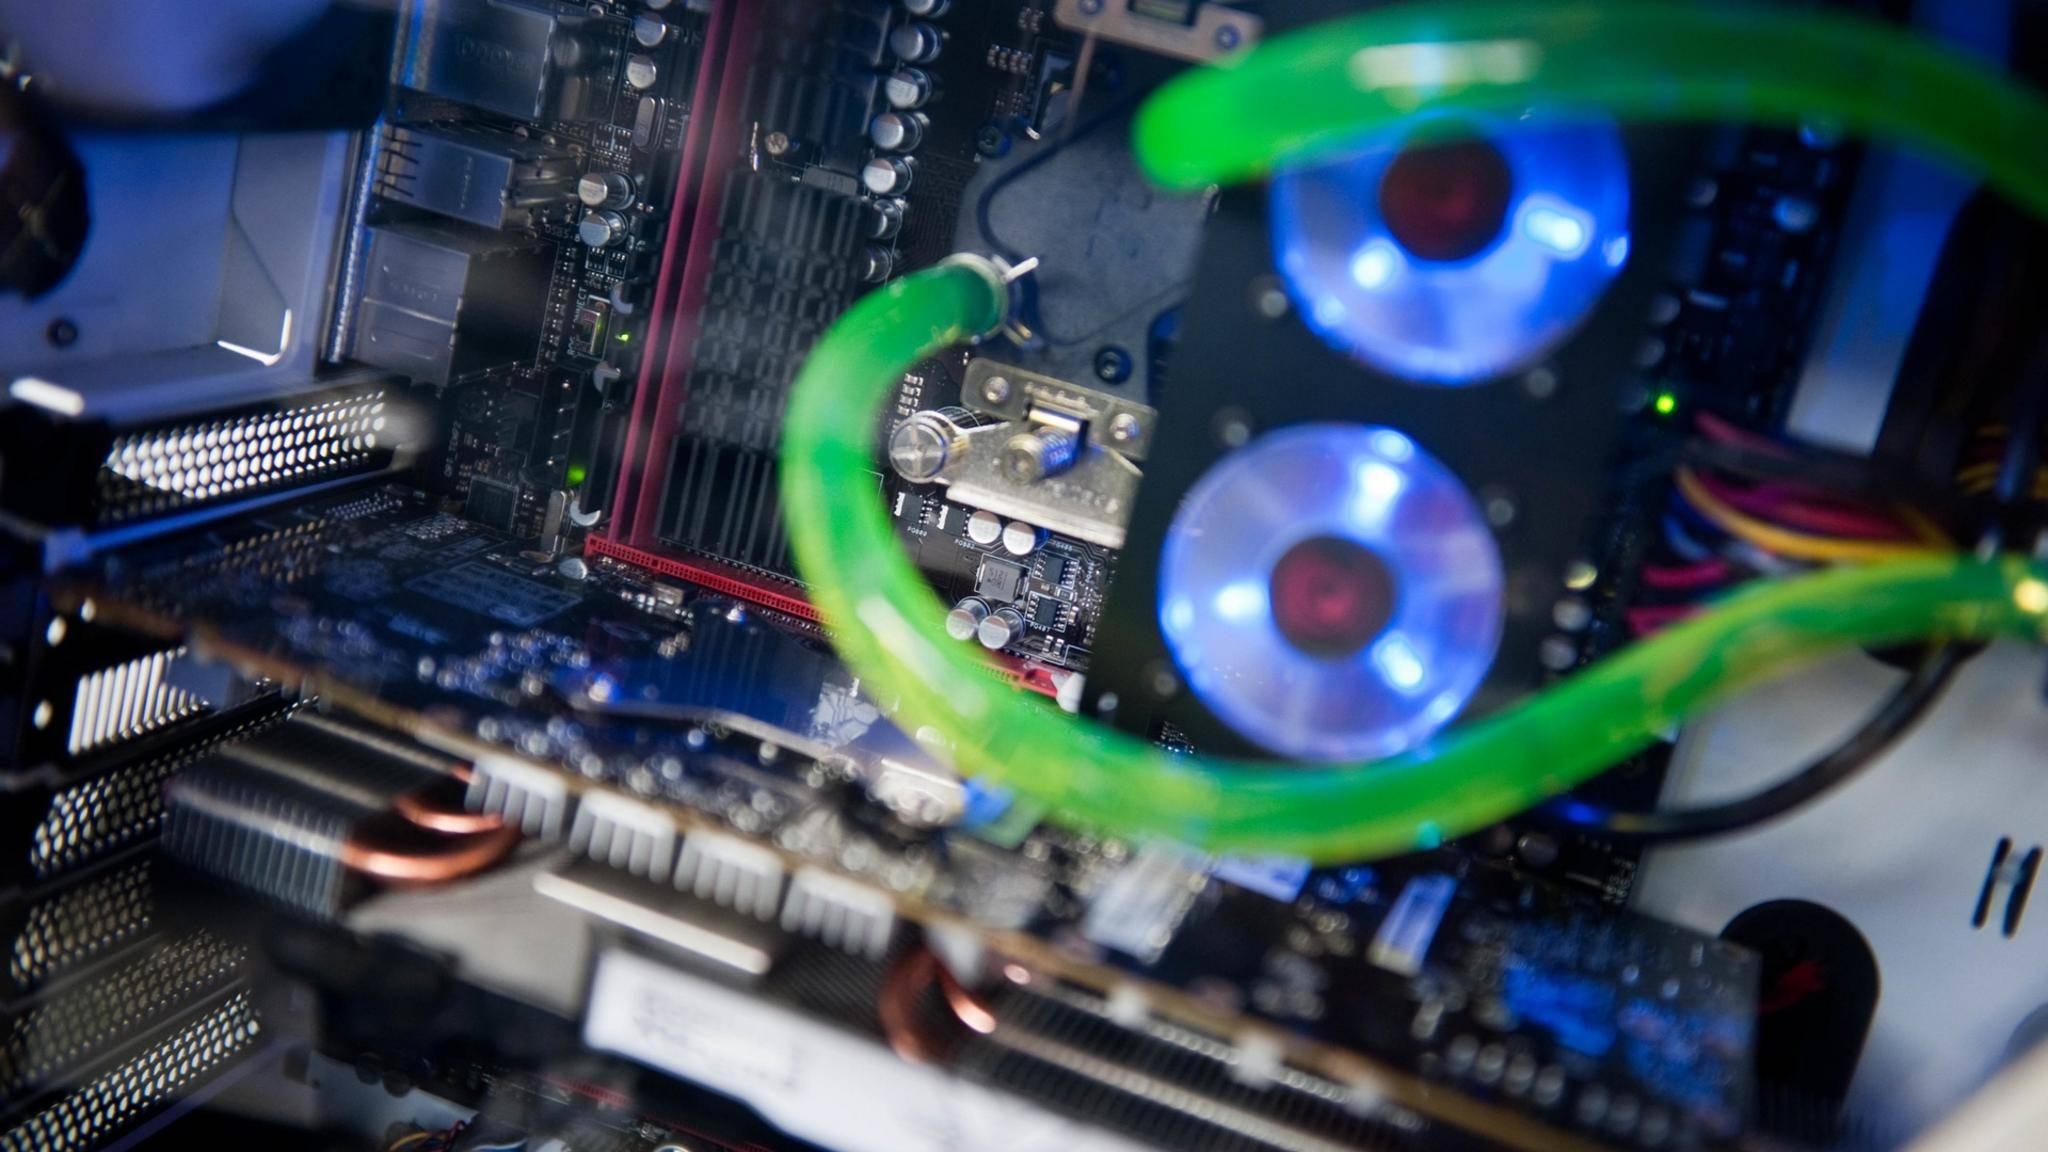 Das Innenleben eines PCs mit Wasserkühlung.